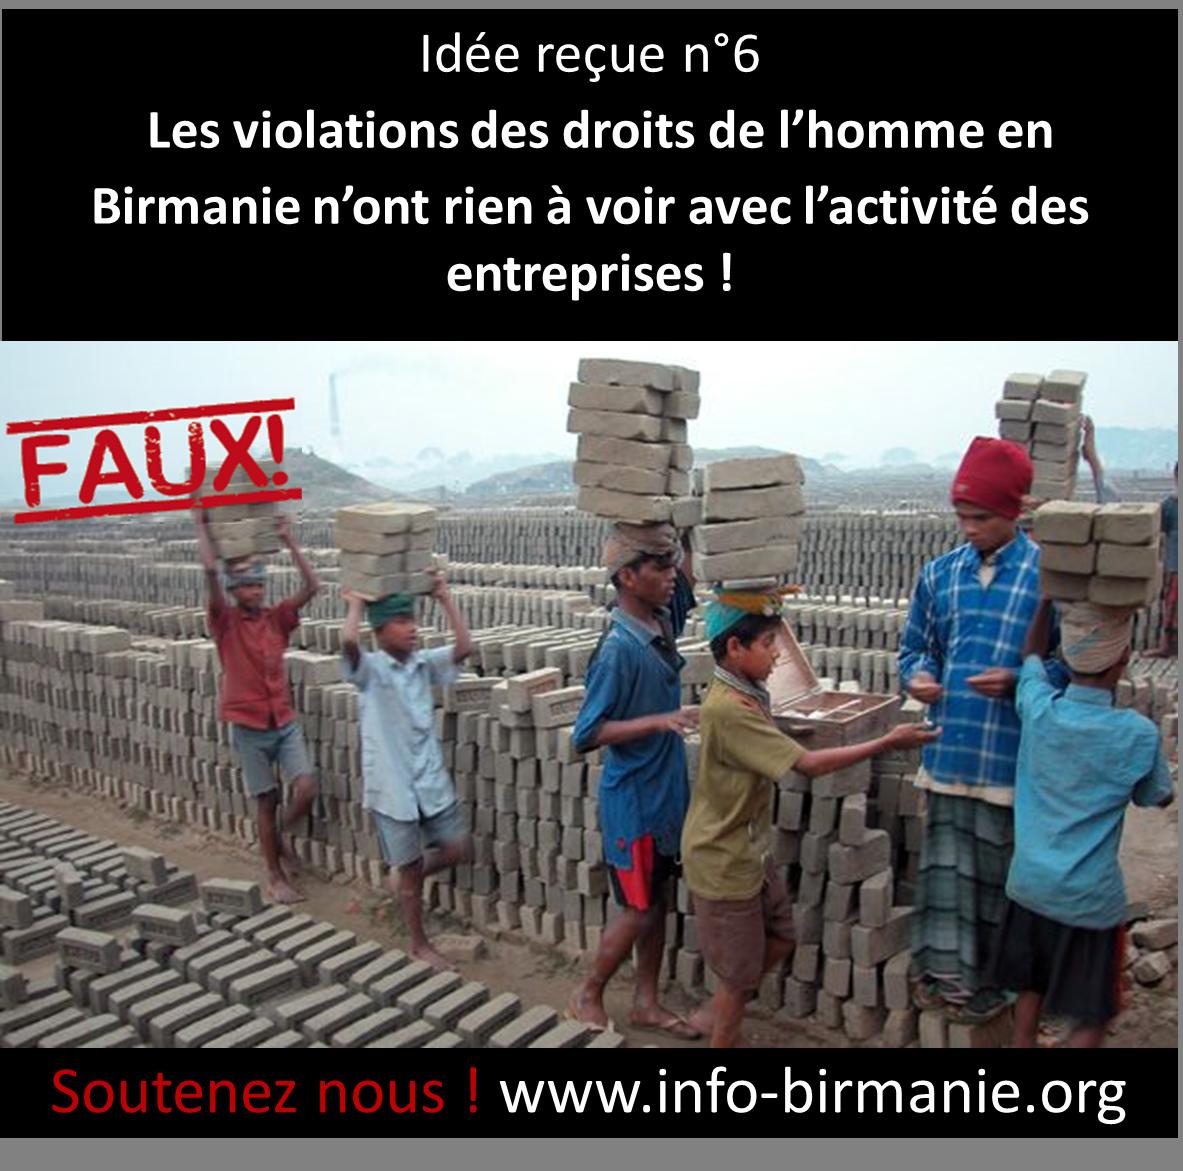 Idée reçue n°6 : Les violations des droits de l'homme en Birmanie n'ont rien à voir avec l'activité des entreprises !